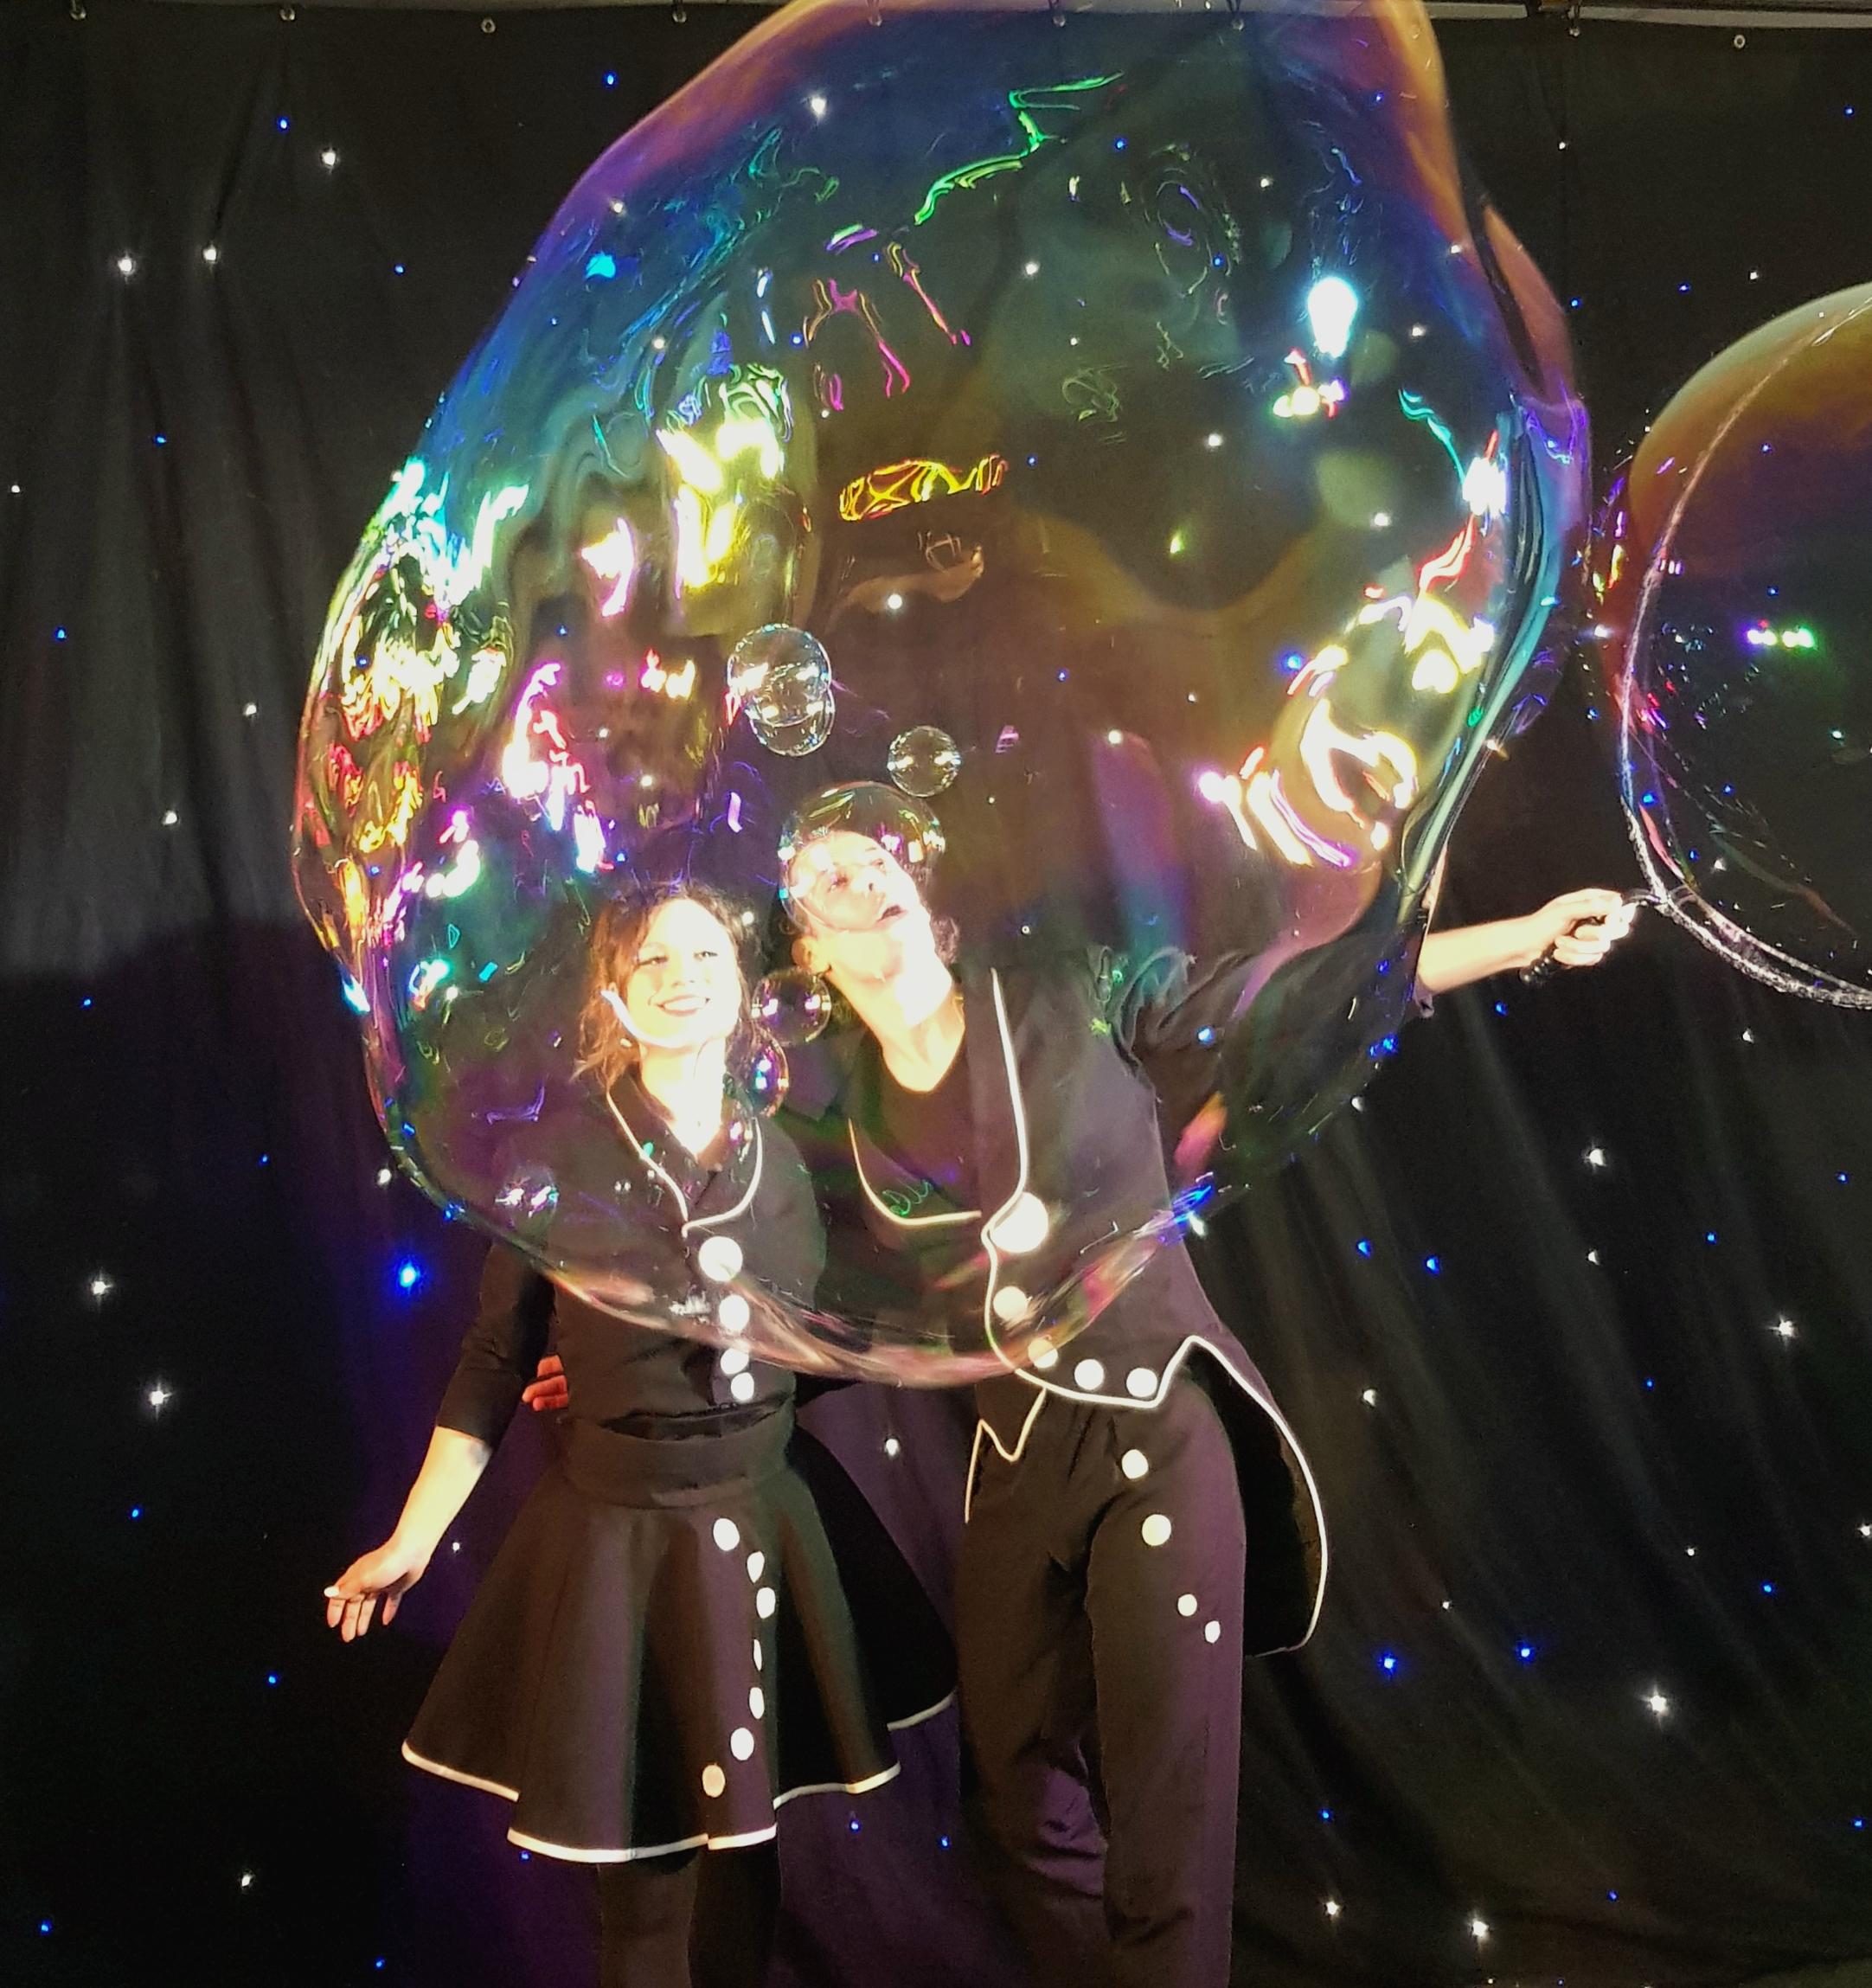 Spectacle avec des bulles